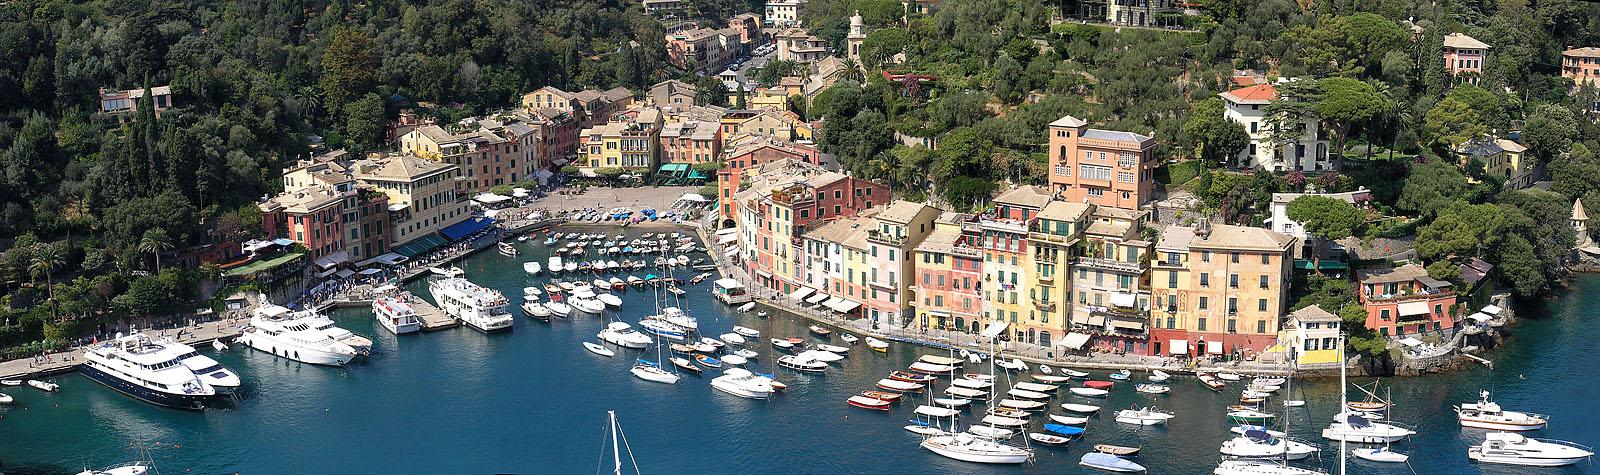 Презентация недвижимость в италии